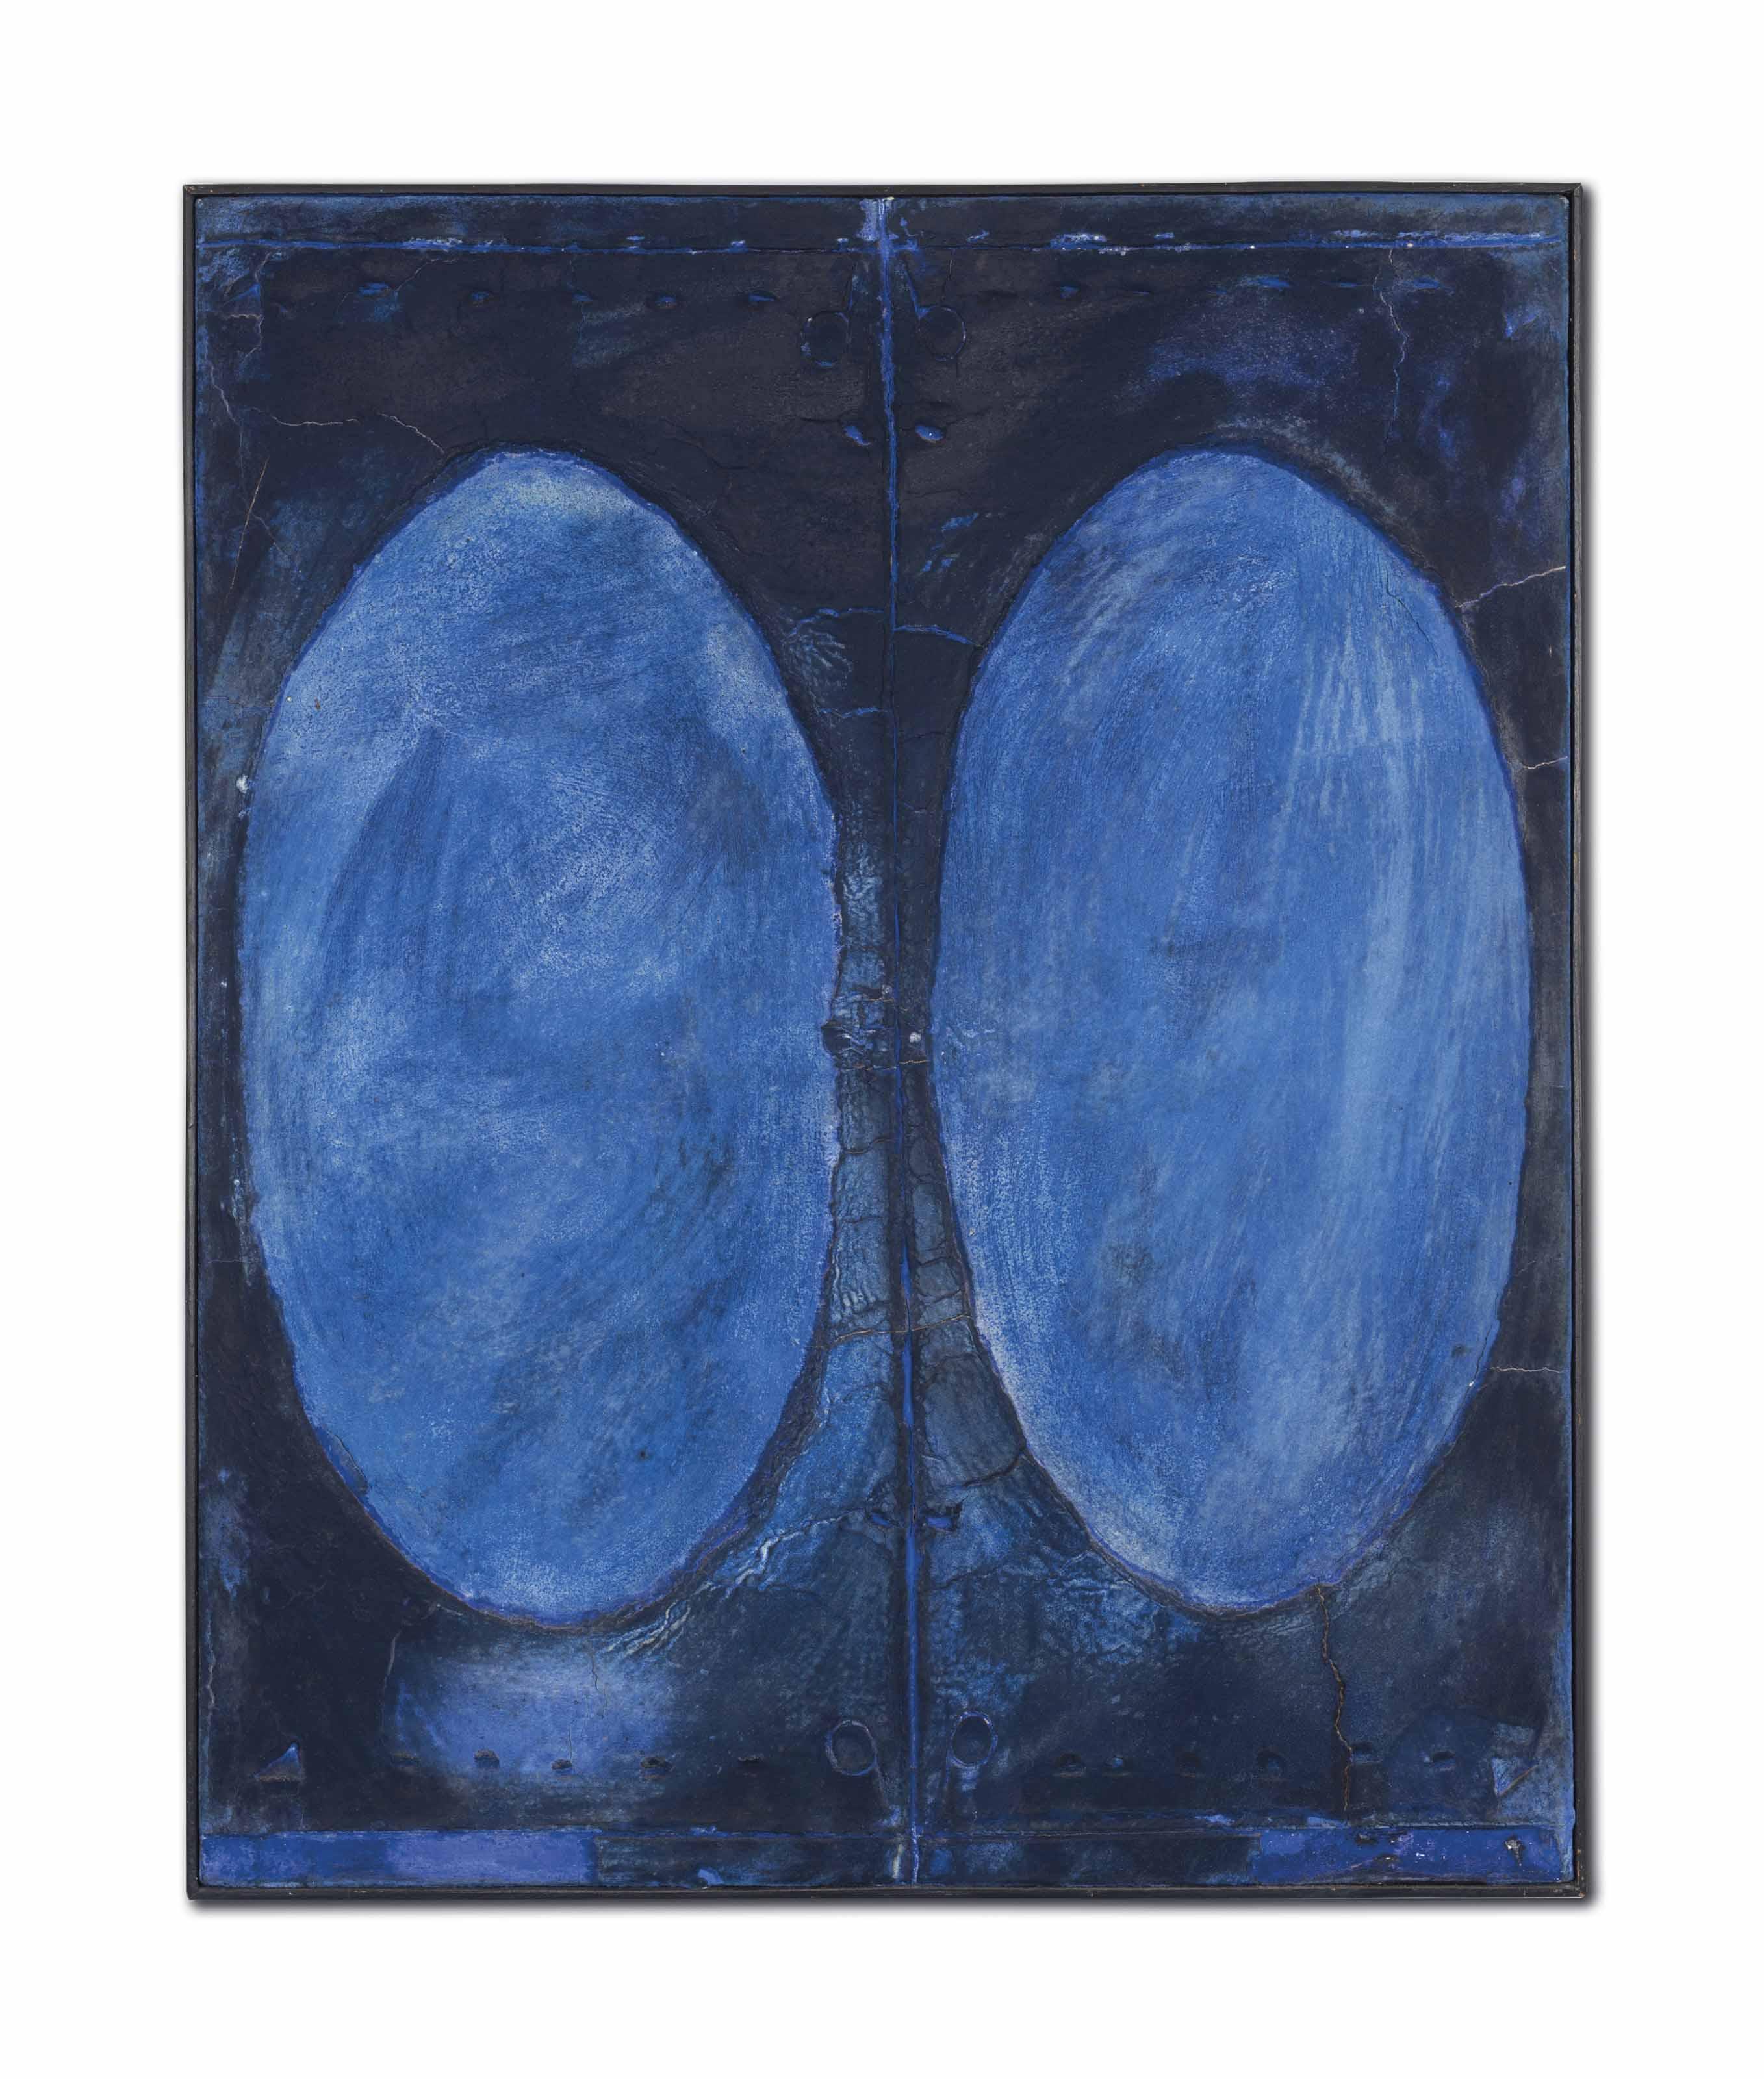 Bleu au double ovale